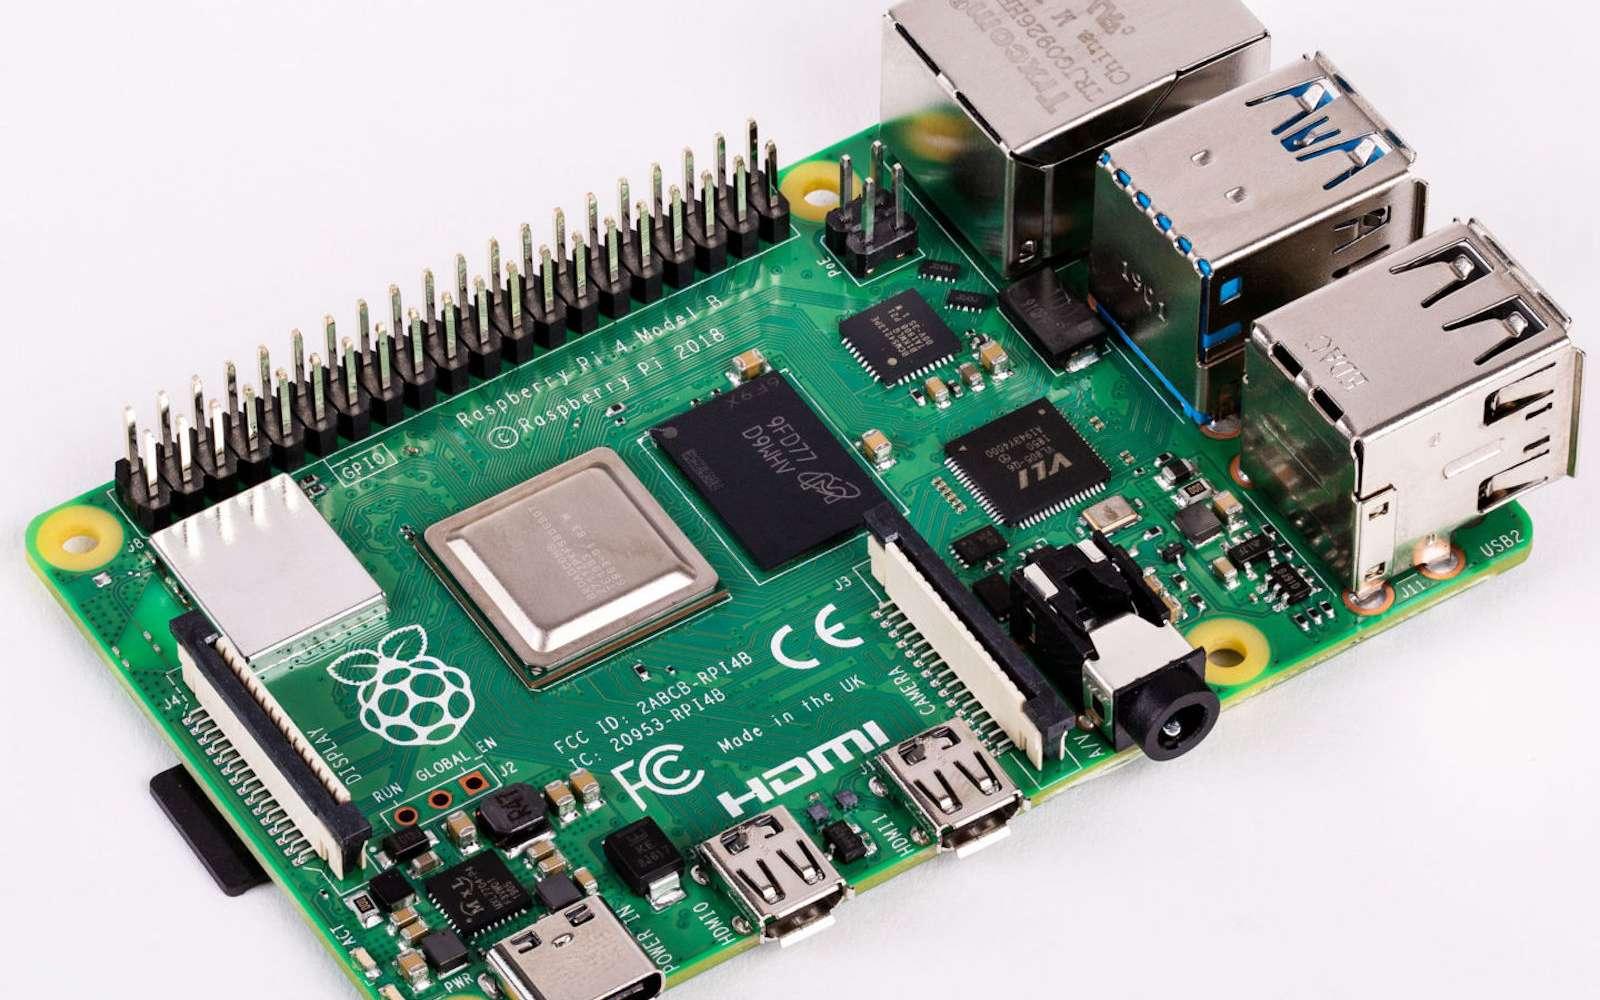 Sur une surface extrêmement réduite, se trouvent les connecteurs vidéo, réseaux et USB, mais aussi du Wi-Fi, jusqu'à 4 Go de mémoire vive et un processeur performant. © Raspberry